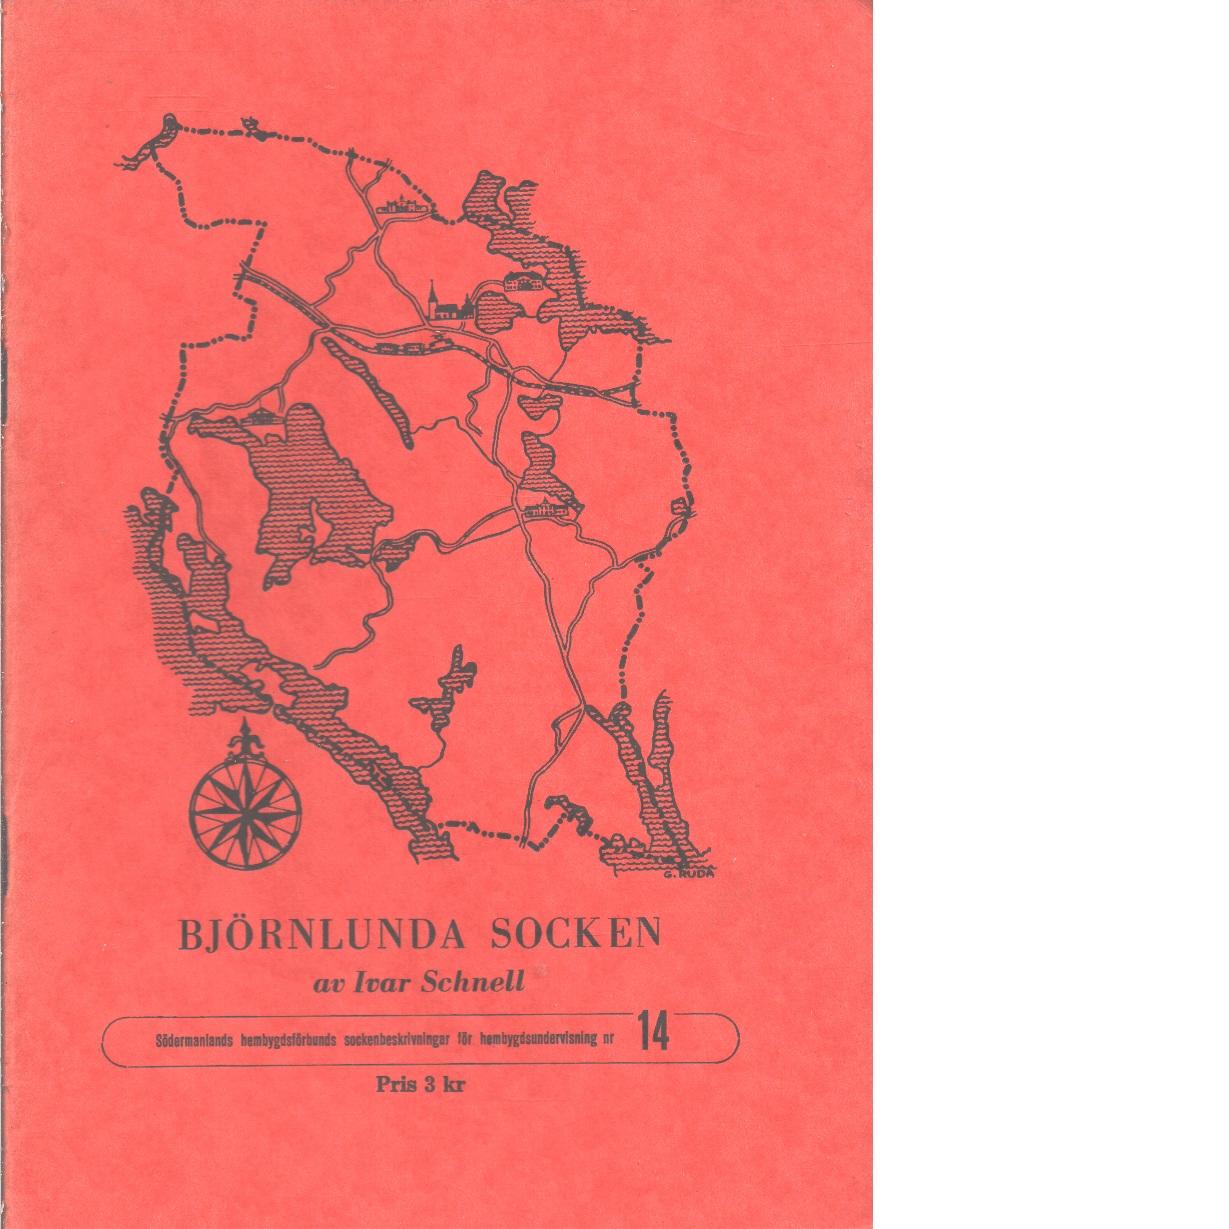 Björnlunda socken - Schnell, Ivar